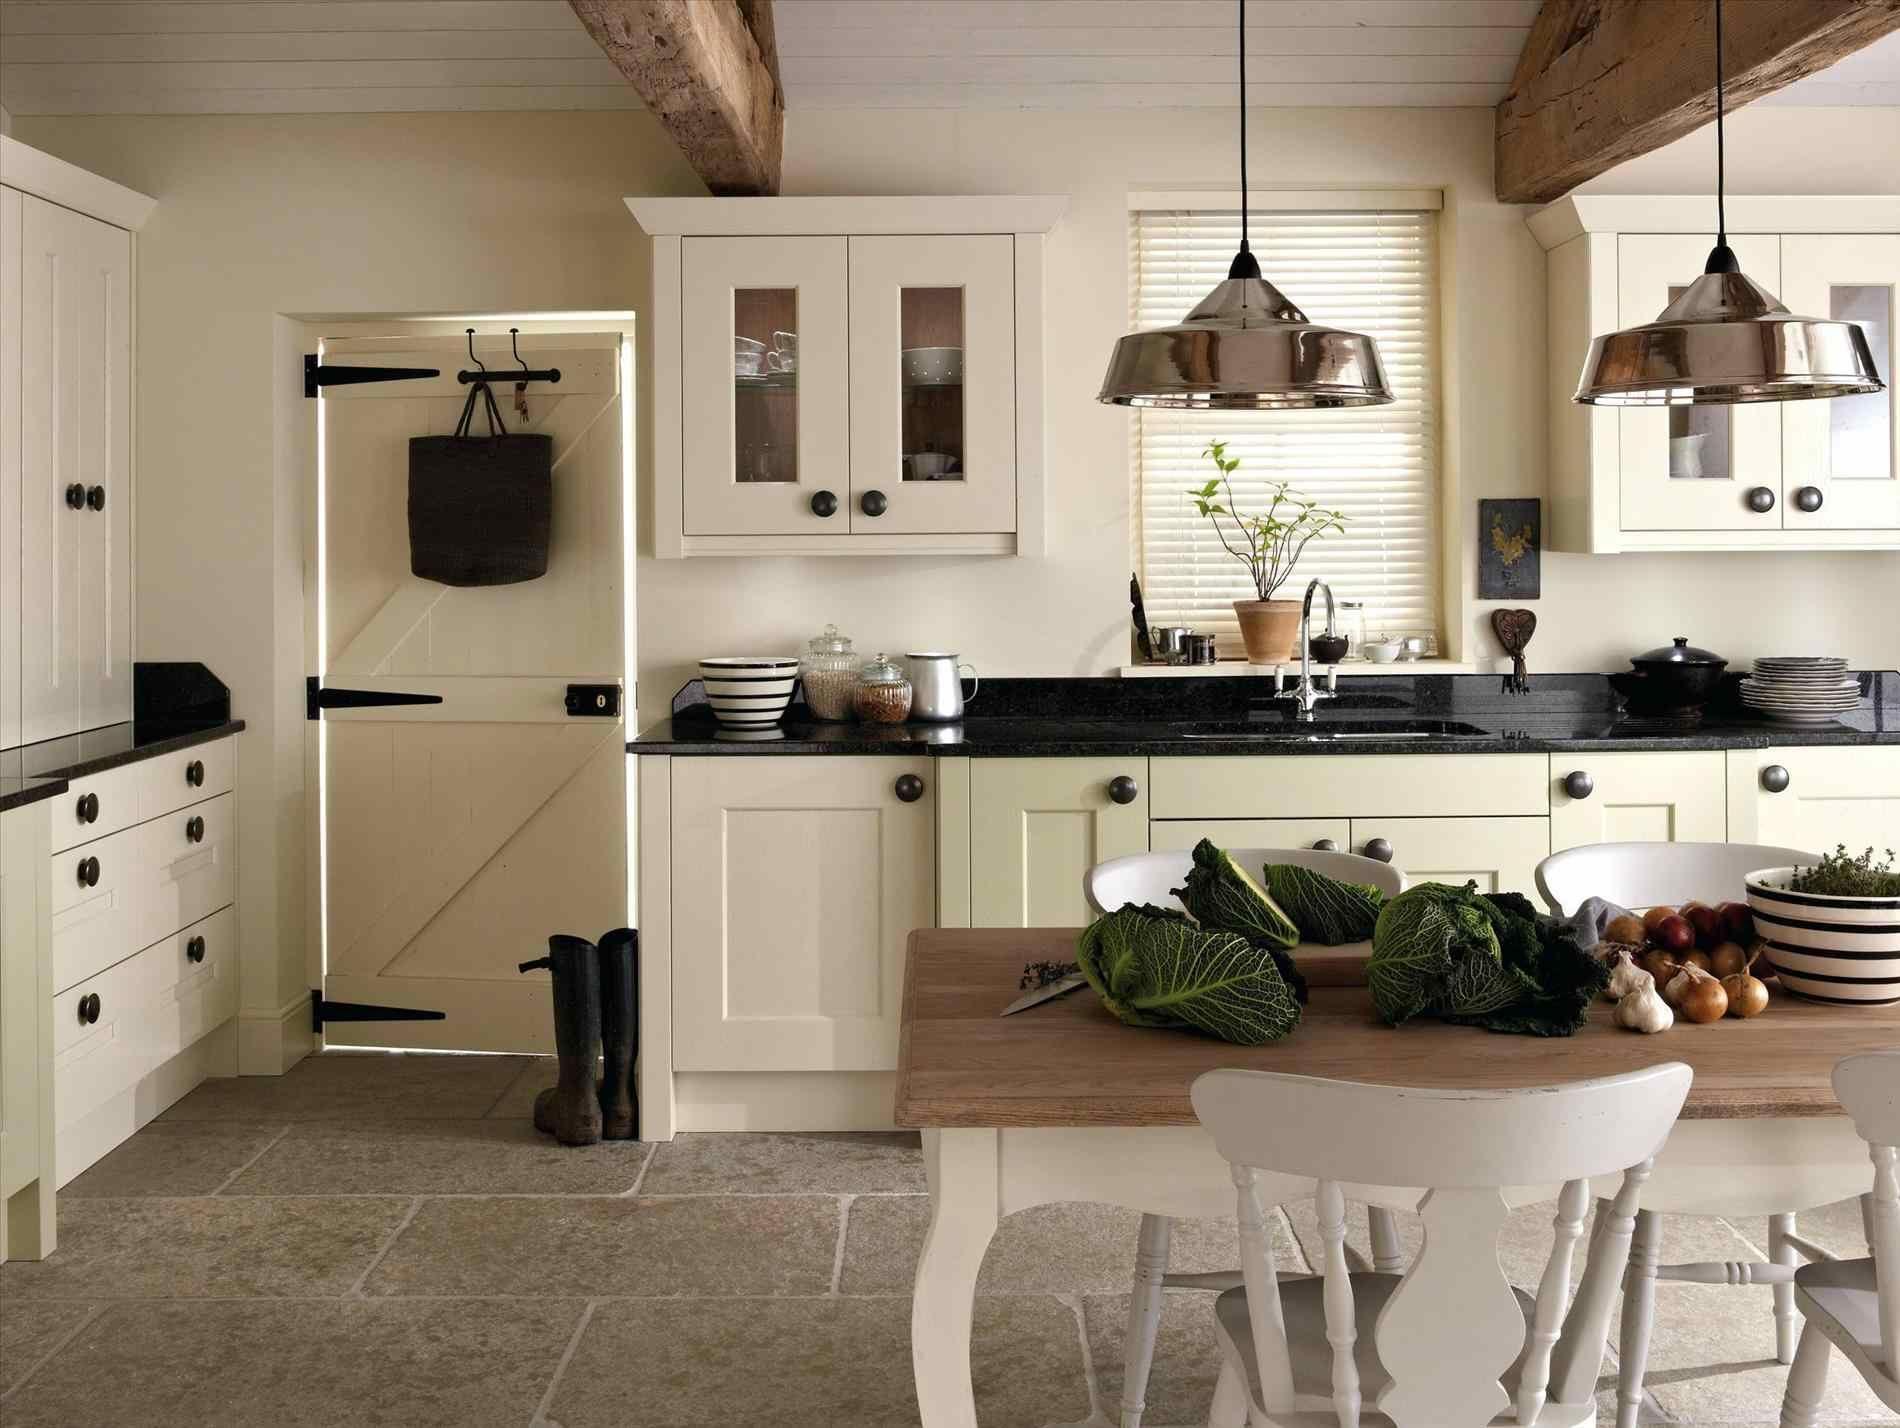 Tjihome With Irish Country Kitchen Ideas Cream Cabinets Tjihome Rustic Decor S Design Rustic Irish Countr Kitchen Furniture Design Kitchen Decor Rustic Kitchen